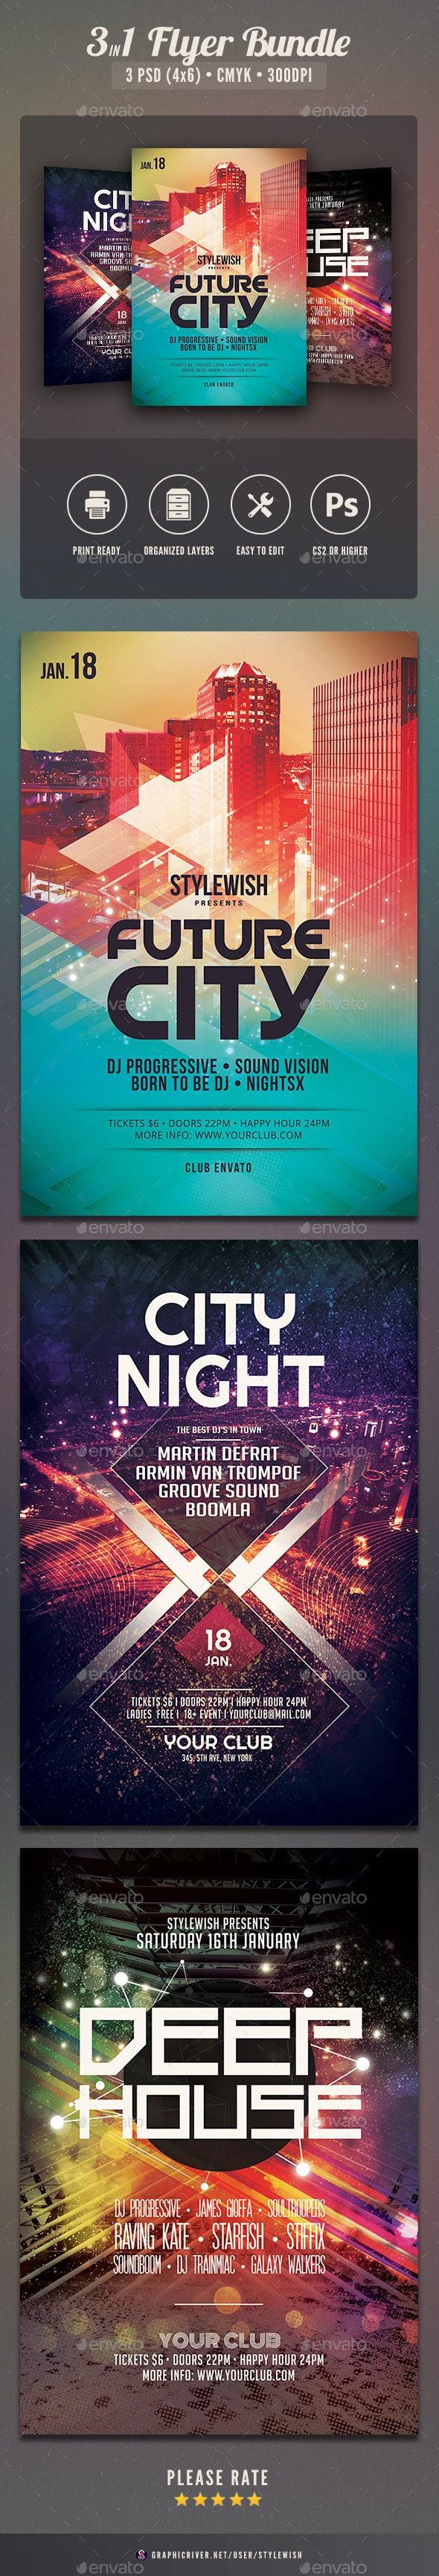 Party Flyer Bundle Vol12 - Clubs & Parties Events